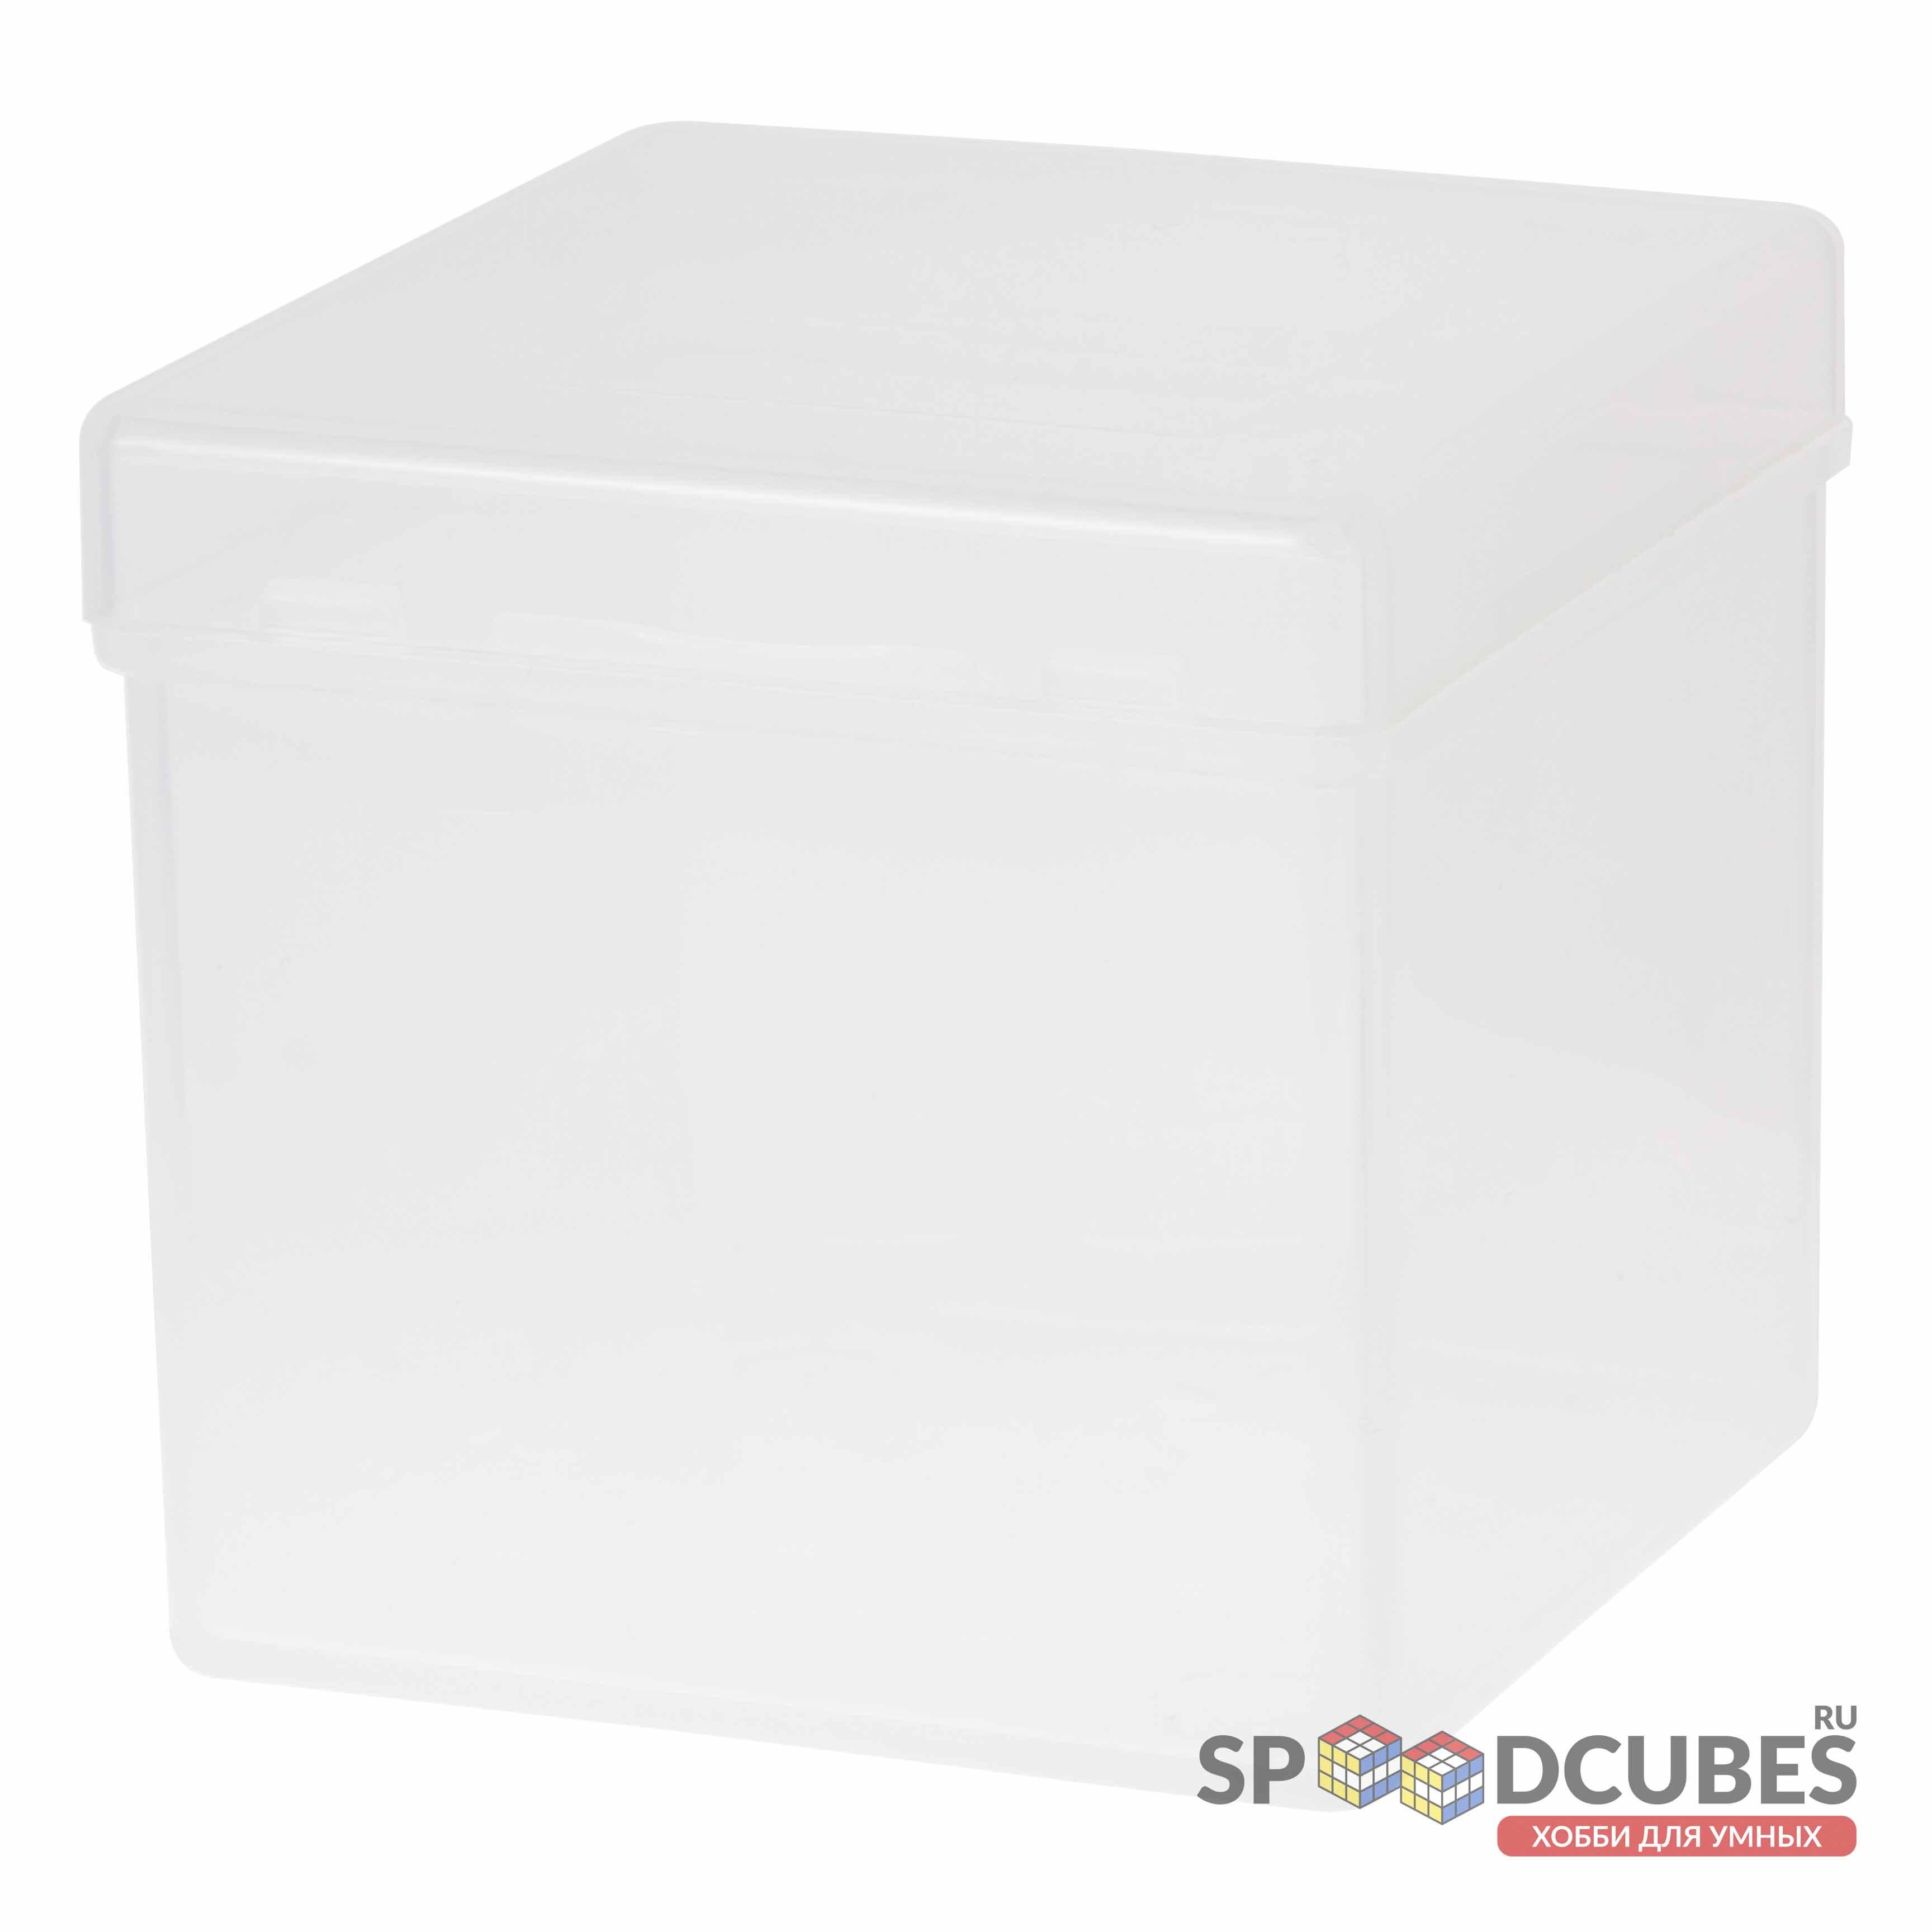 Бокс для кубов 3х3х3